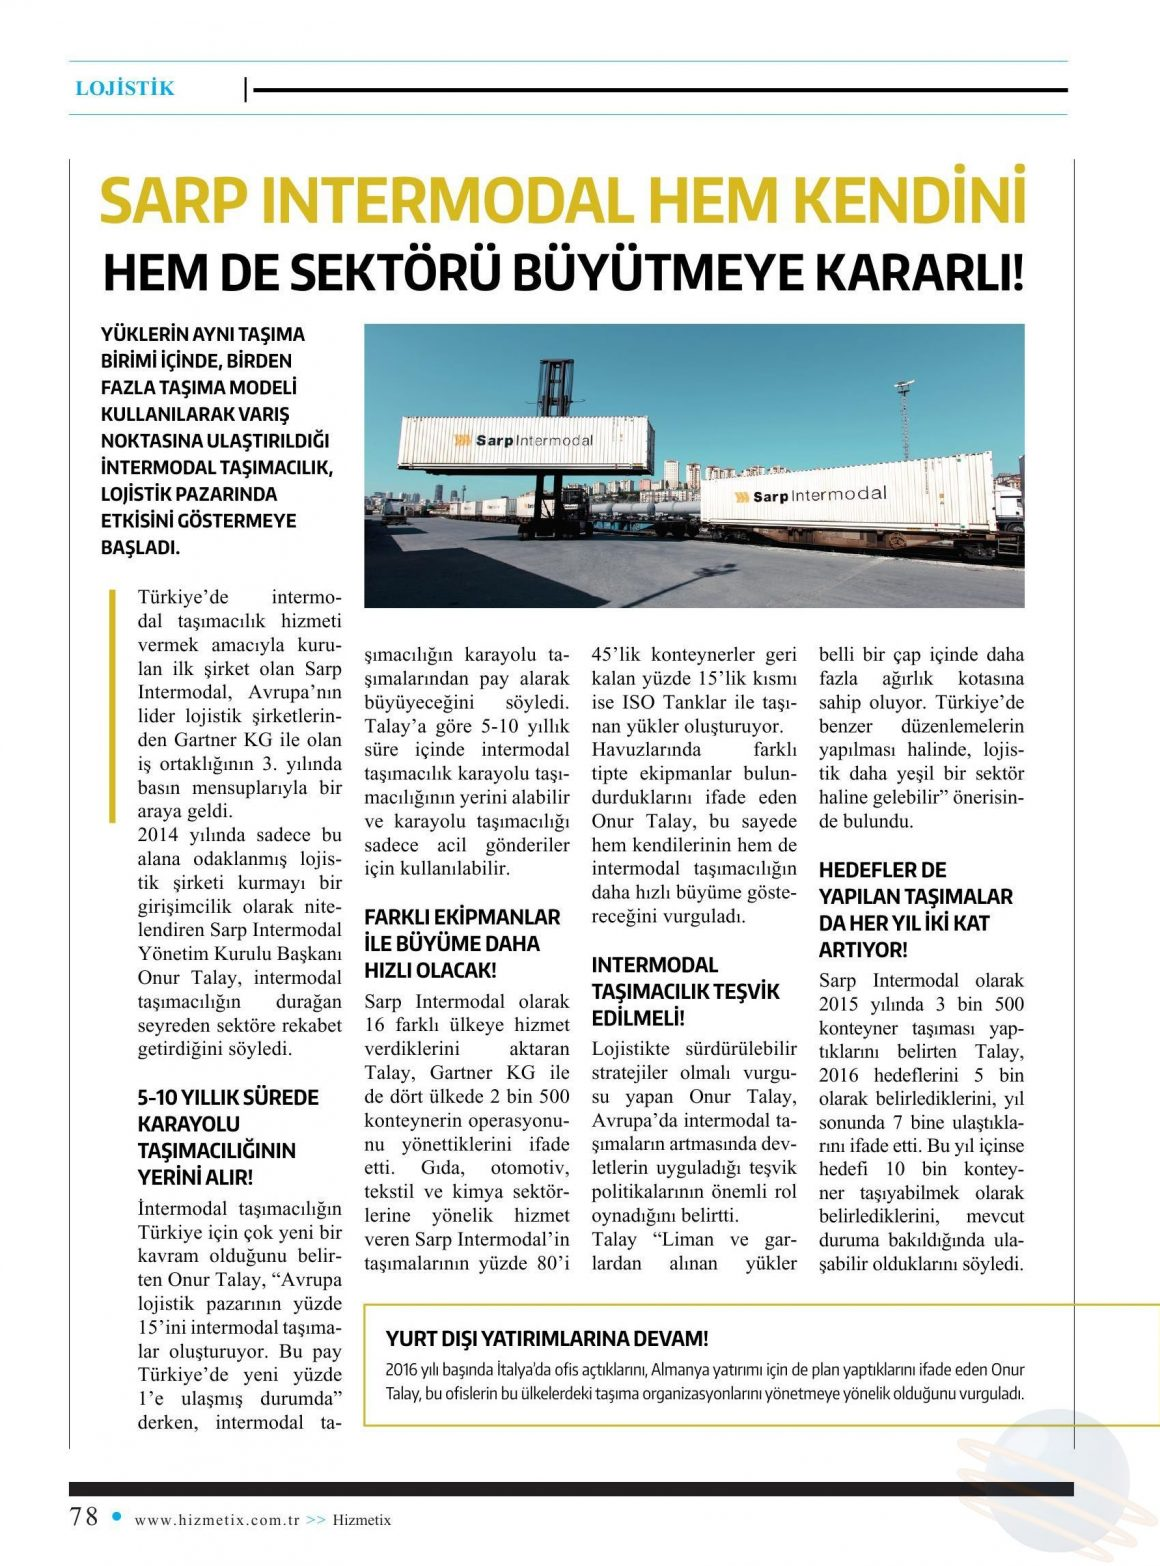 SARP INTERMODAL HEM KENDİNİ HEM DE SEKTÖRÜ BÜYÜTMEYE KARARLI! // HİZMETİX DERGİSİ